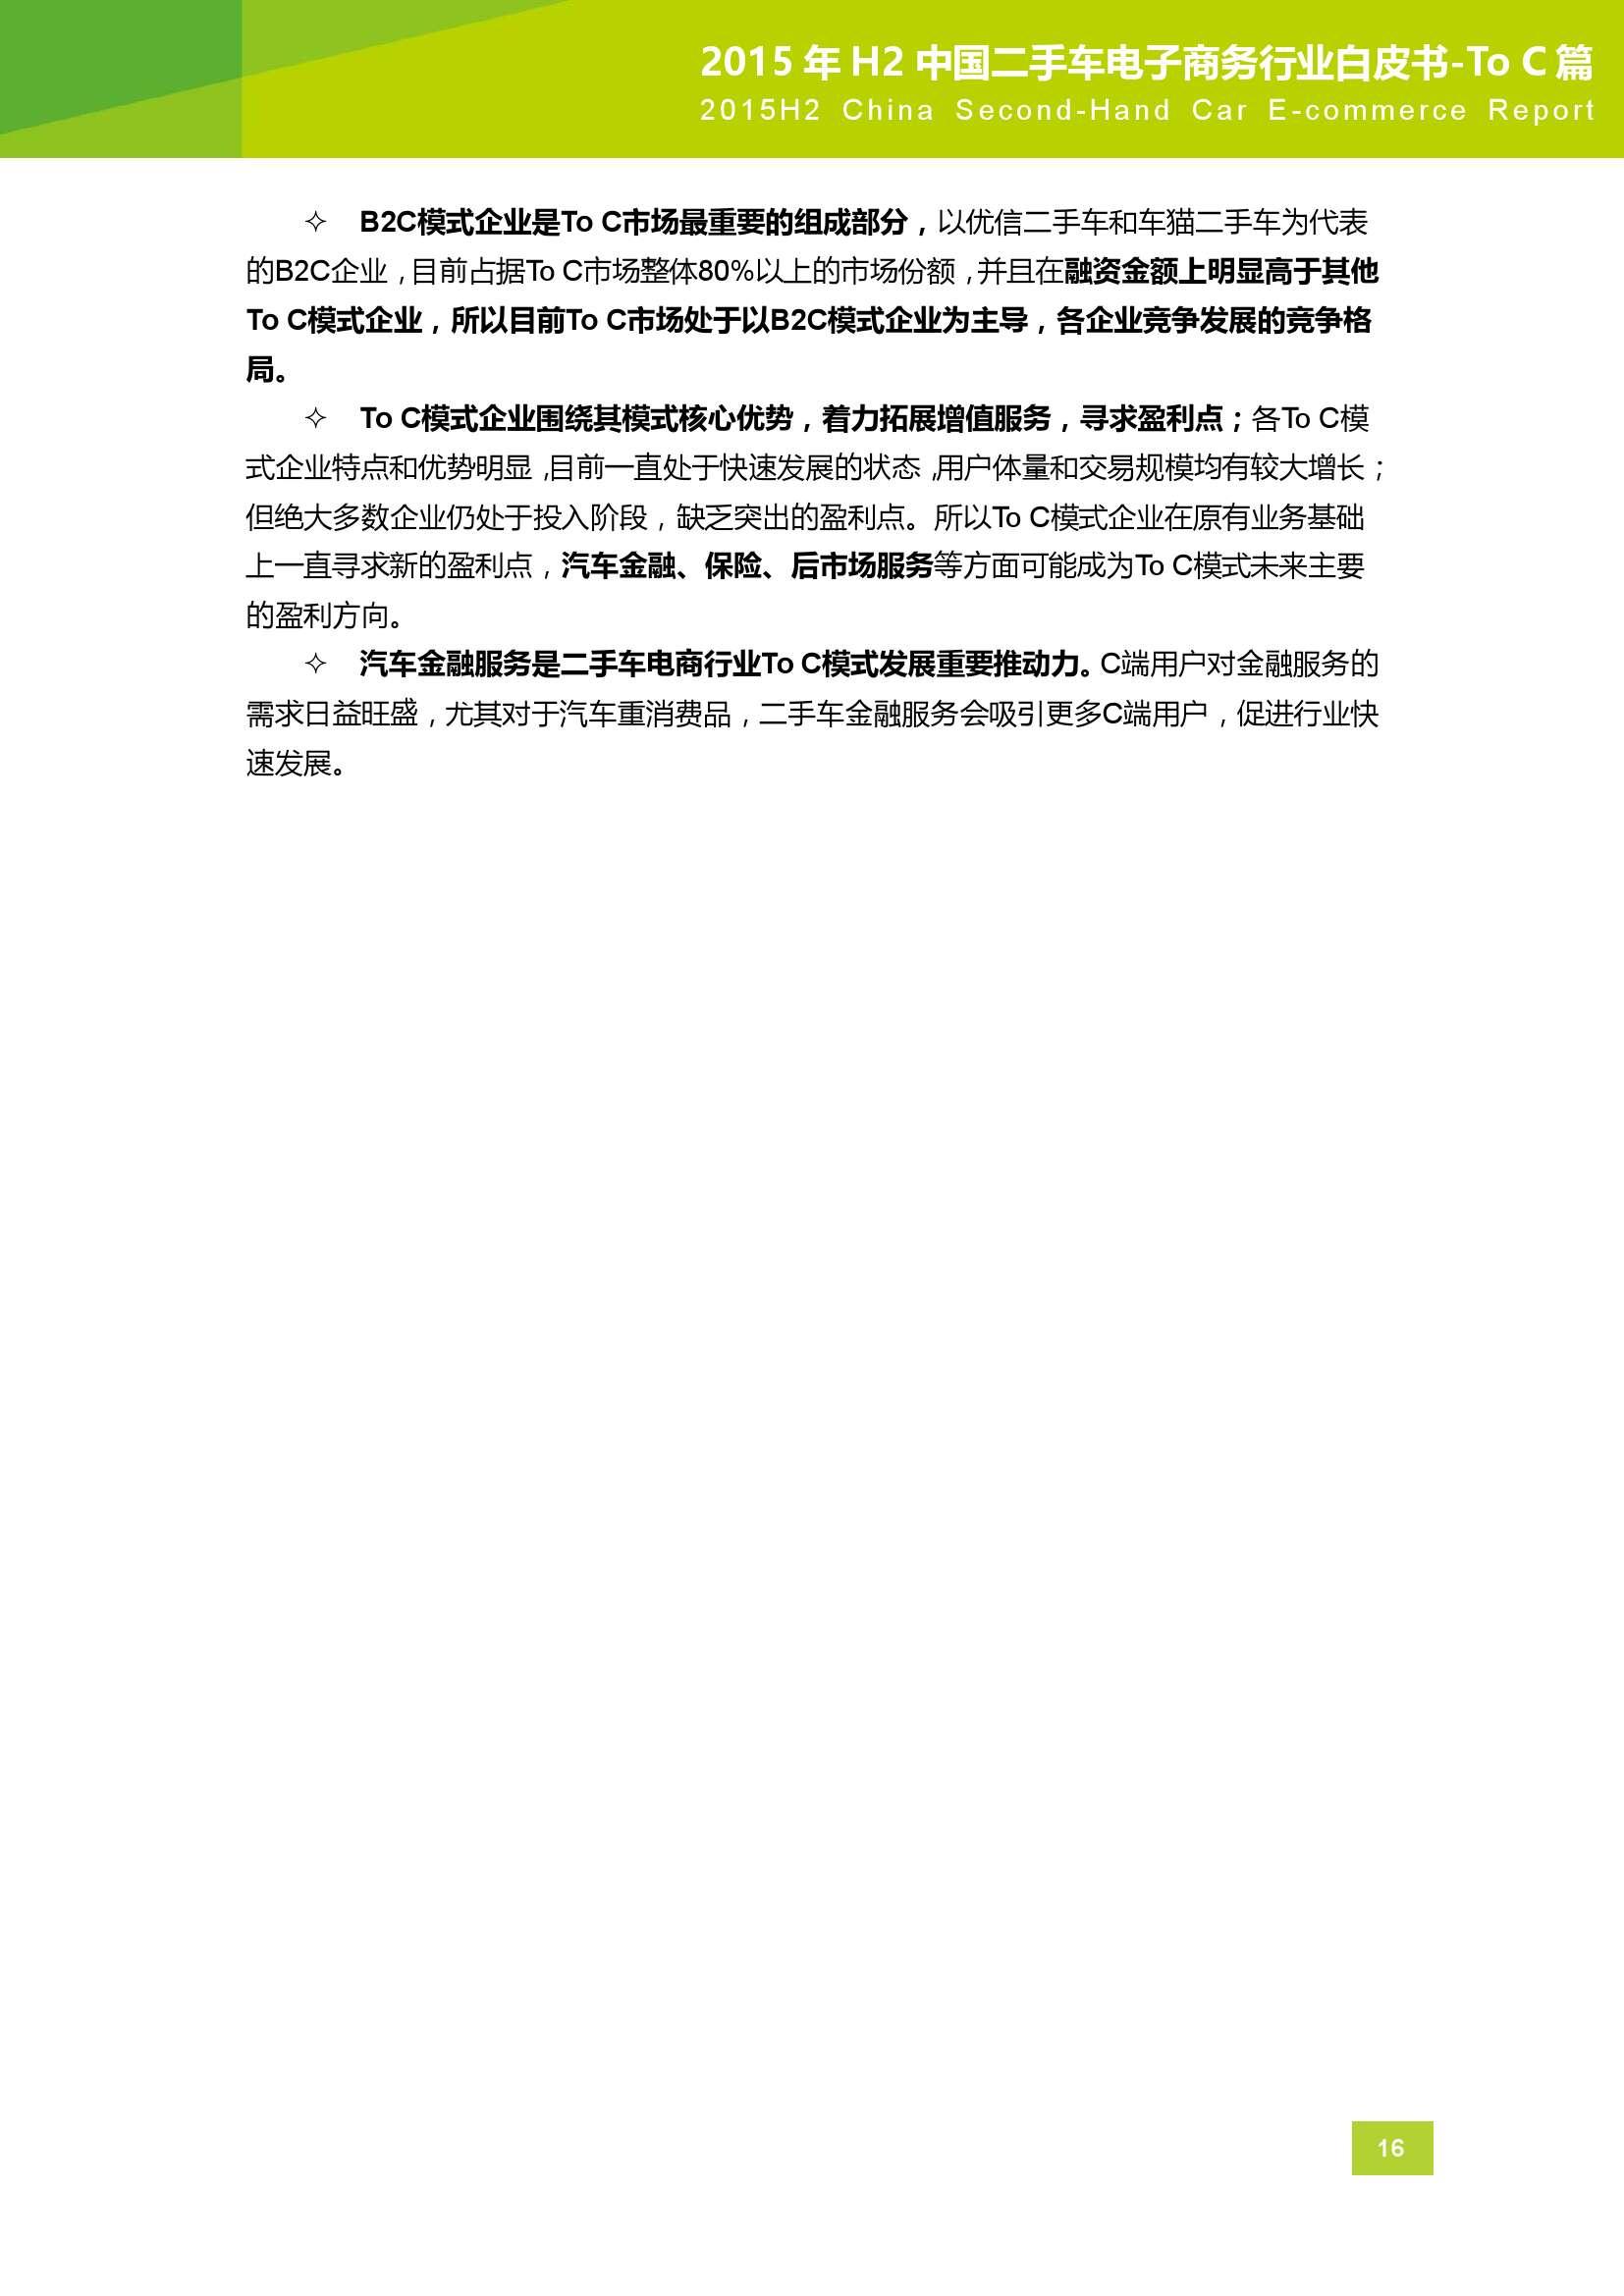 2015年H2中国二手车电子商务行业白皮书_000016